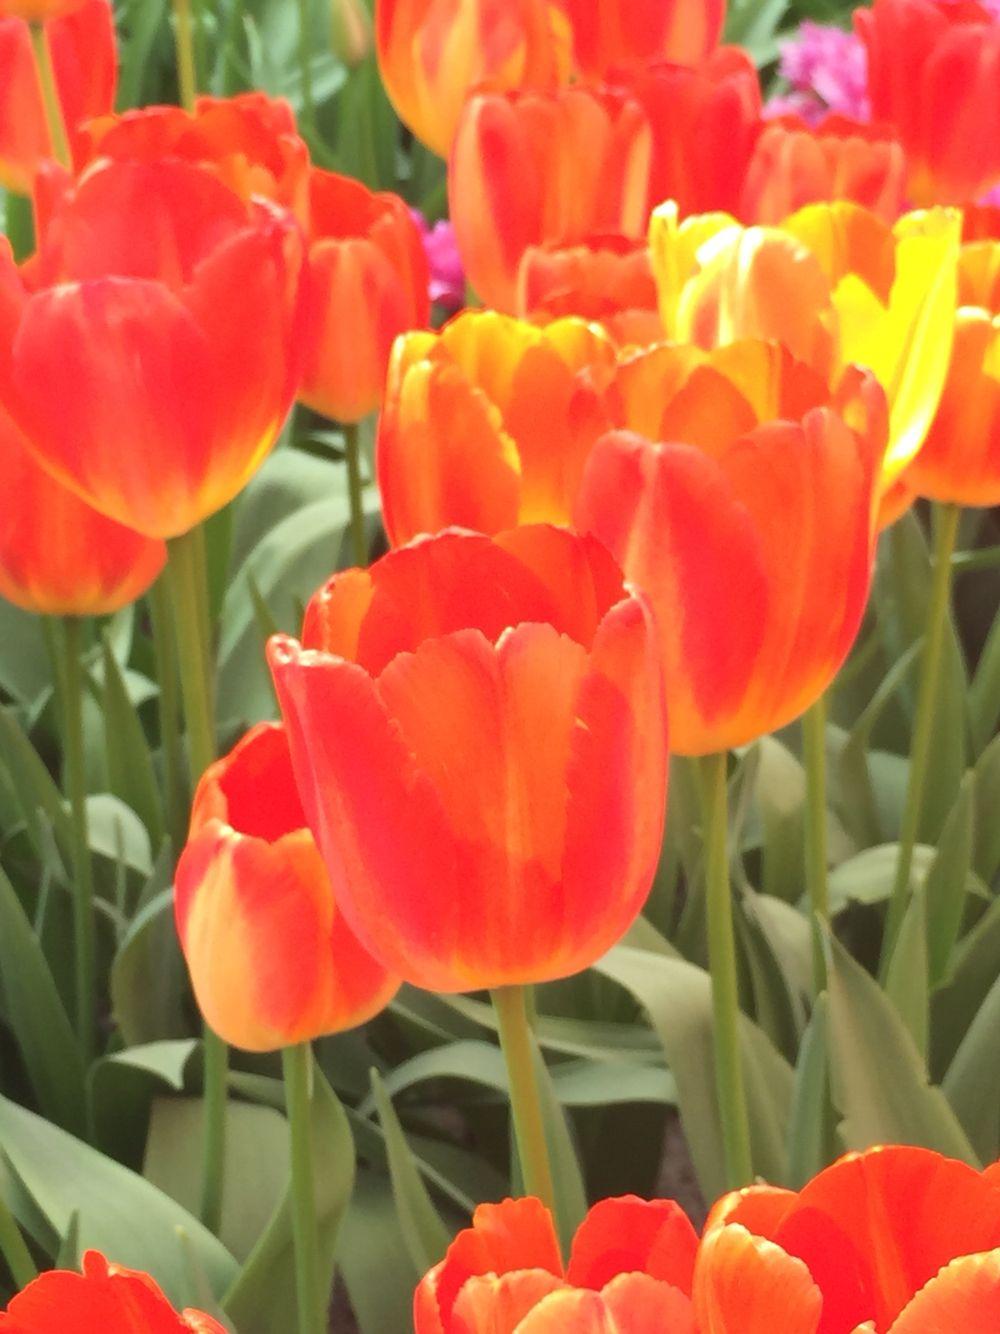 Red Tulips at sunny Keukenhof gardens, order flower bulbs